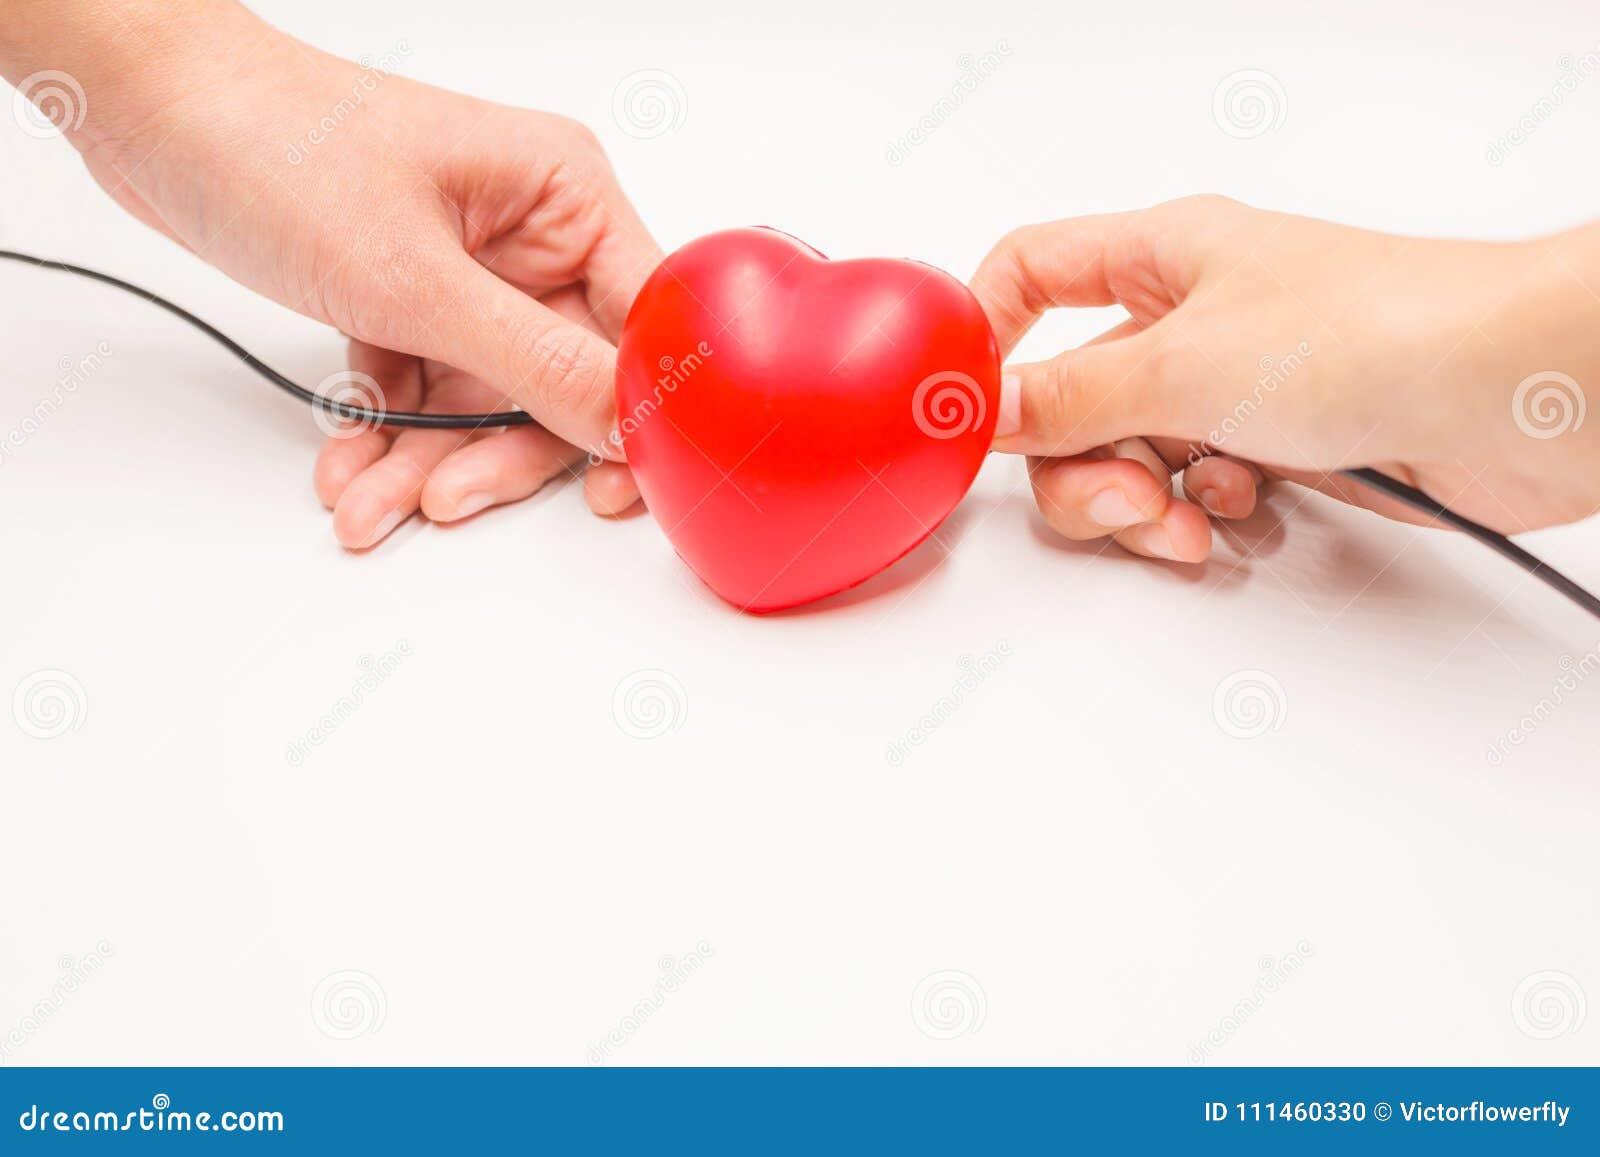 Hände mit der Aufladung verkabelt, um Herz, auf weißem Hintergrund wieder herzustellen zu helfen Herzkrankheitsschutz, proaktive